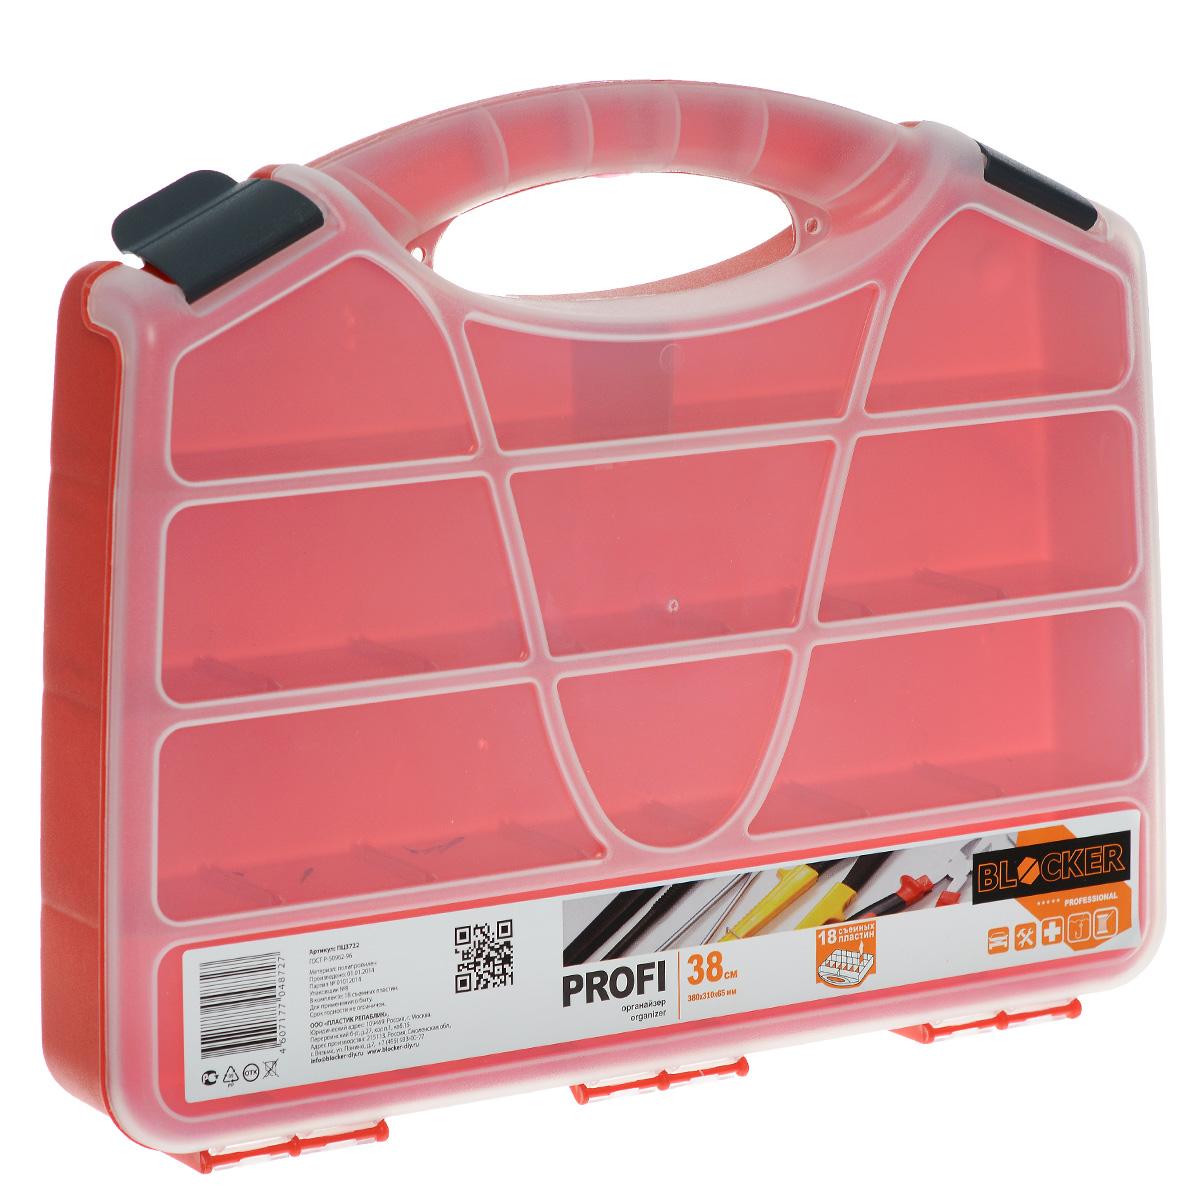 Органайзер Blocker Profi, со съемными перегородками, цвет: красный, прозрачный, серый, 38 х 31 х 6,5 смПЦ3722Органайзер Blocker Profi изготовлен из высококачественного прочного пластика и предназначен для хранения и переноски инструментов, рыболовных принадлежностей и различных мелочей. Оснащен 5 большими отделениями, в 3 из которых можно вставить перегородки (в комплекте - 18 перегородок). Органайзер надежно закрывается при помощи пластмассовых защелок. Крышка выполнена из прозрачного пластика, что позволяет видеть содержимое.Размер самого большого отделения: 37 см х 6,5 см х 5,8 см.Размер самого маленького отделения: 6,5 см х 5,5 см х 5,8 см.Общий размер органайзера: 38 см х 31 см х 6,5 см.